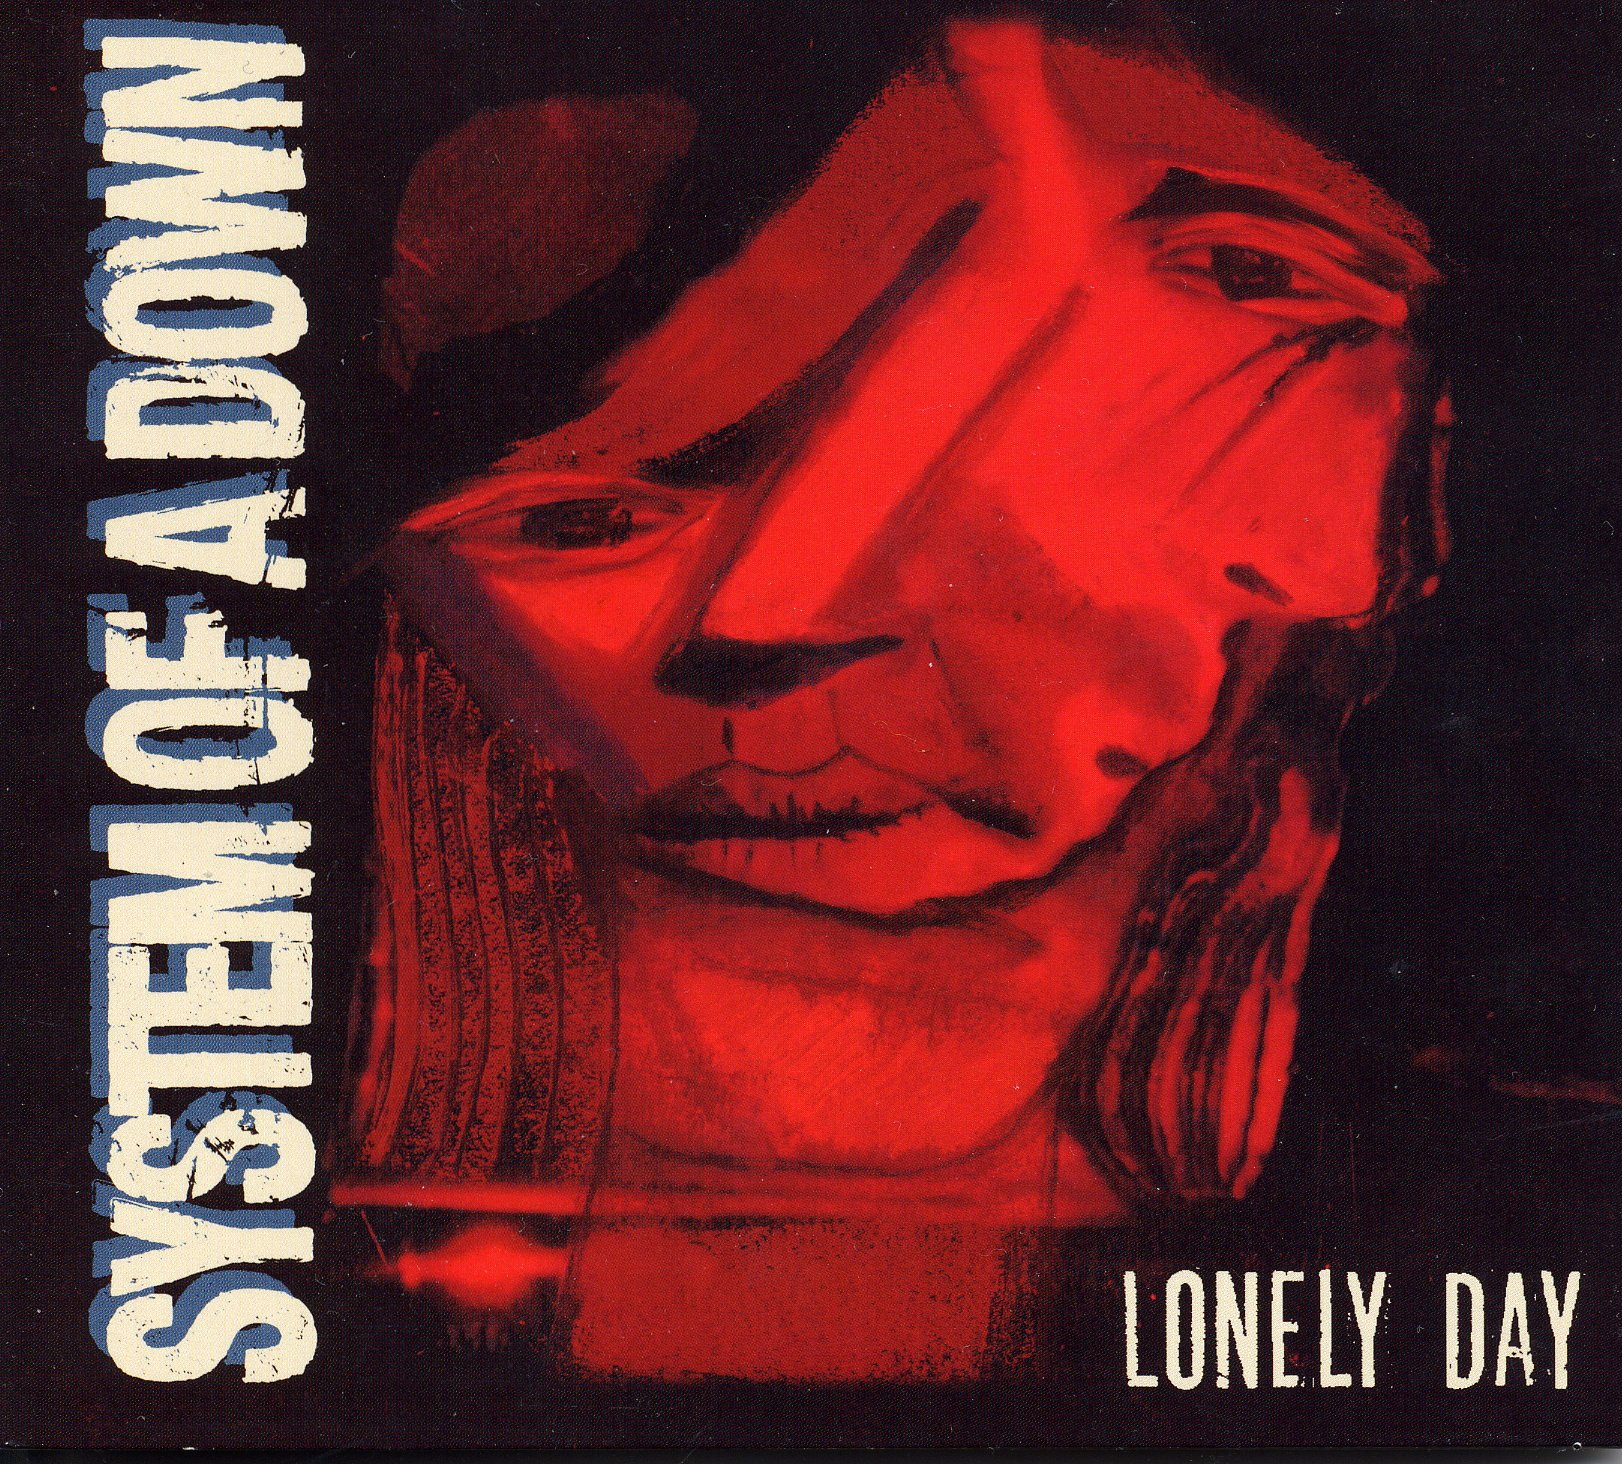 دانلود زیرنویس فارسی فیلم System of a Down: Lonely Day